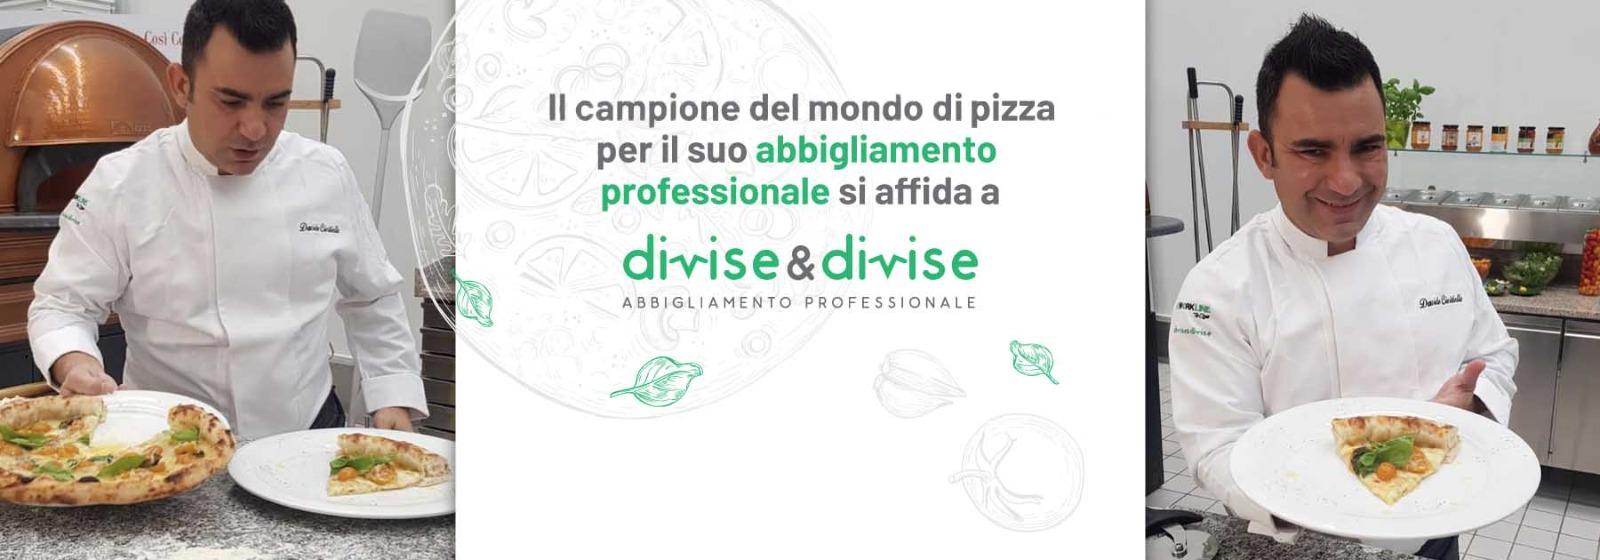 Davide Civitiello sponsor